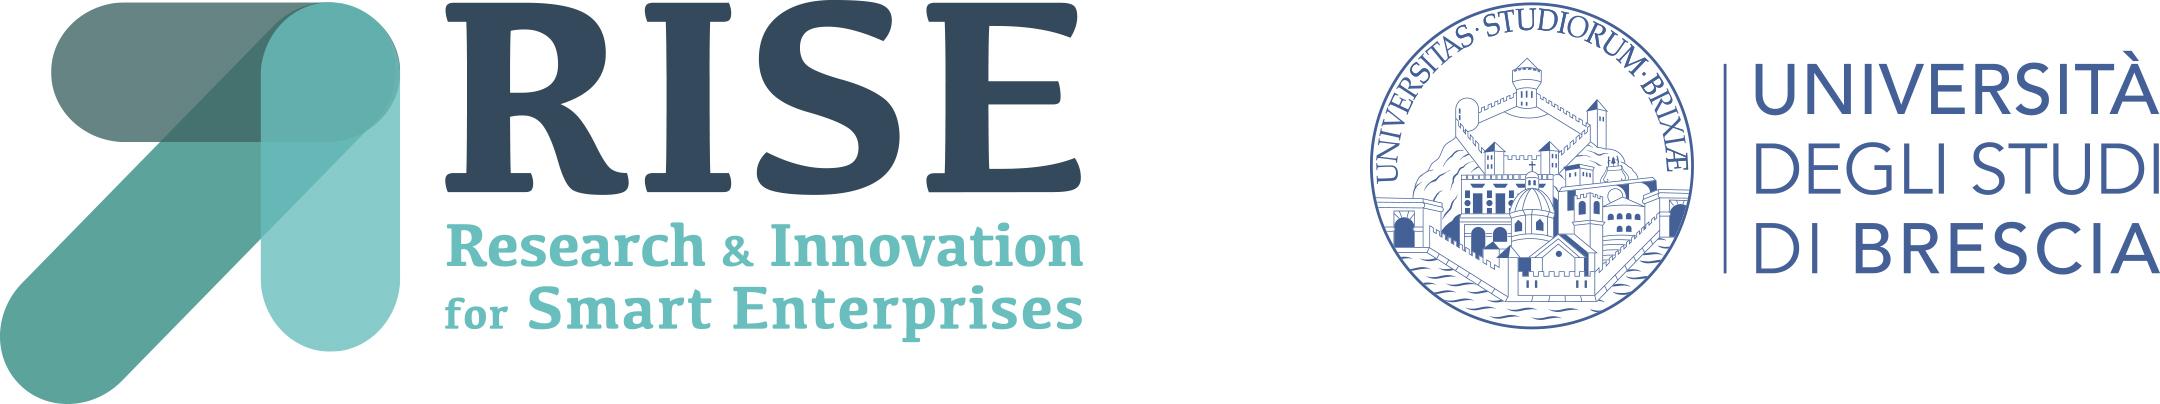 logo-rise+uni.jpg